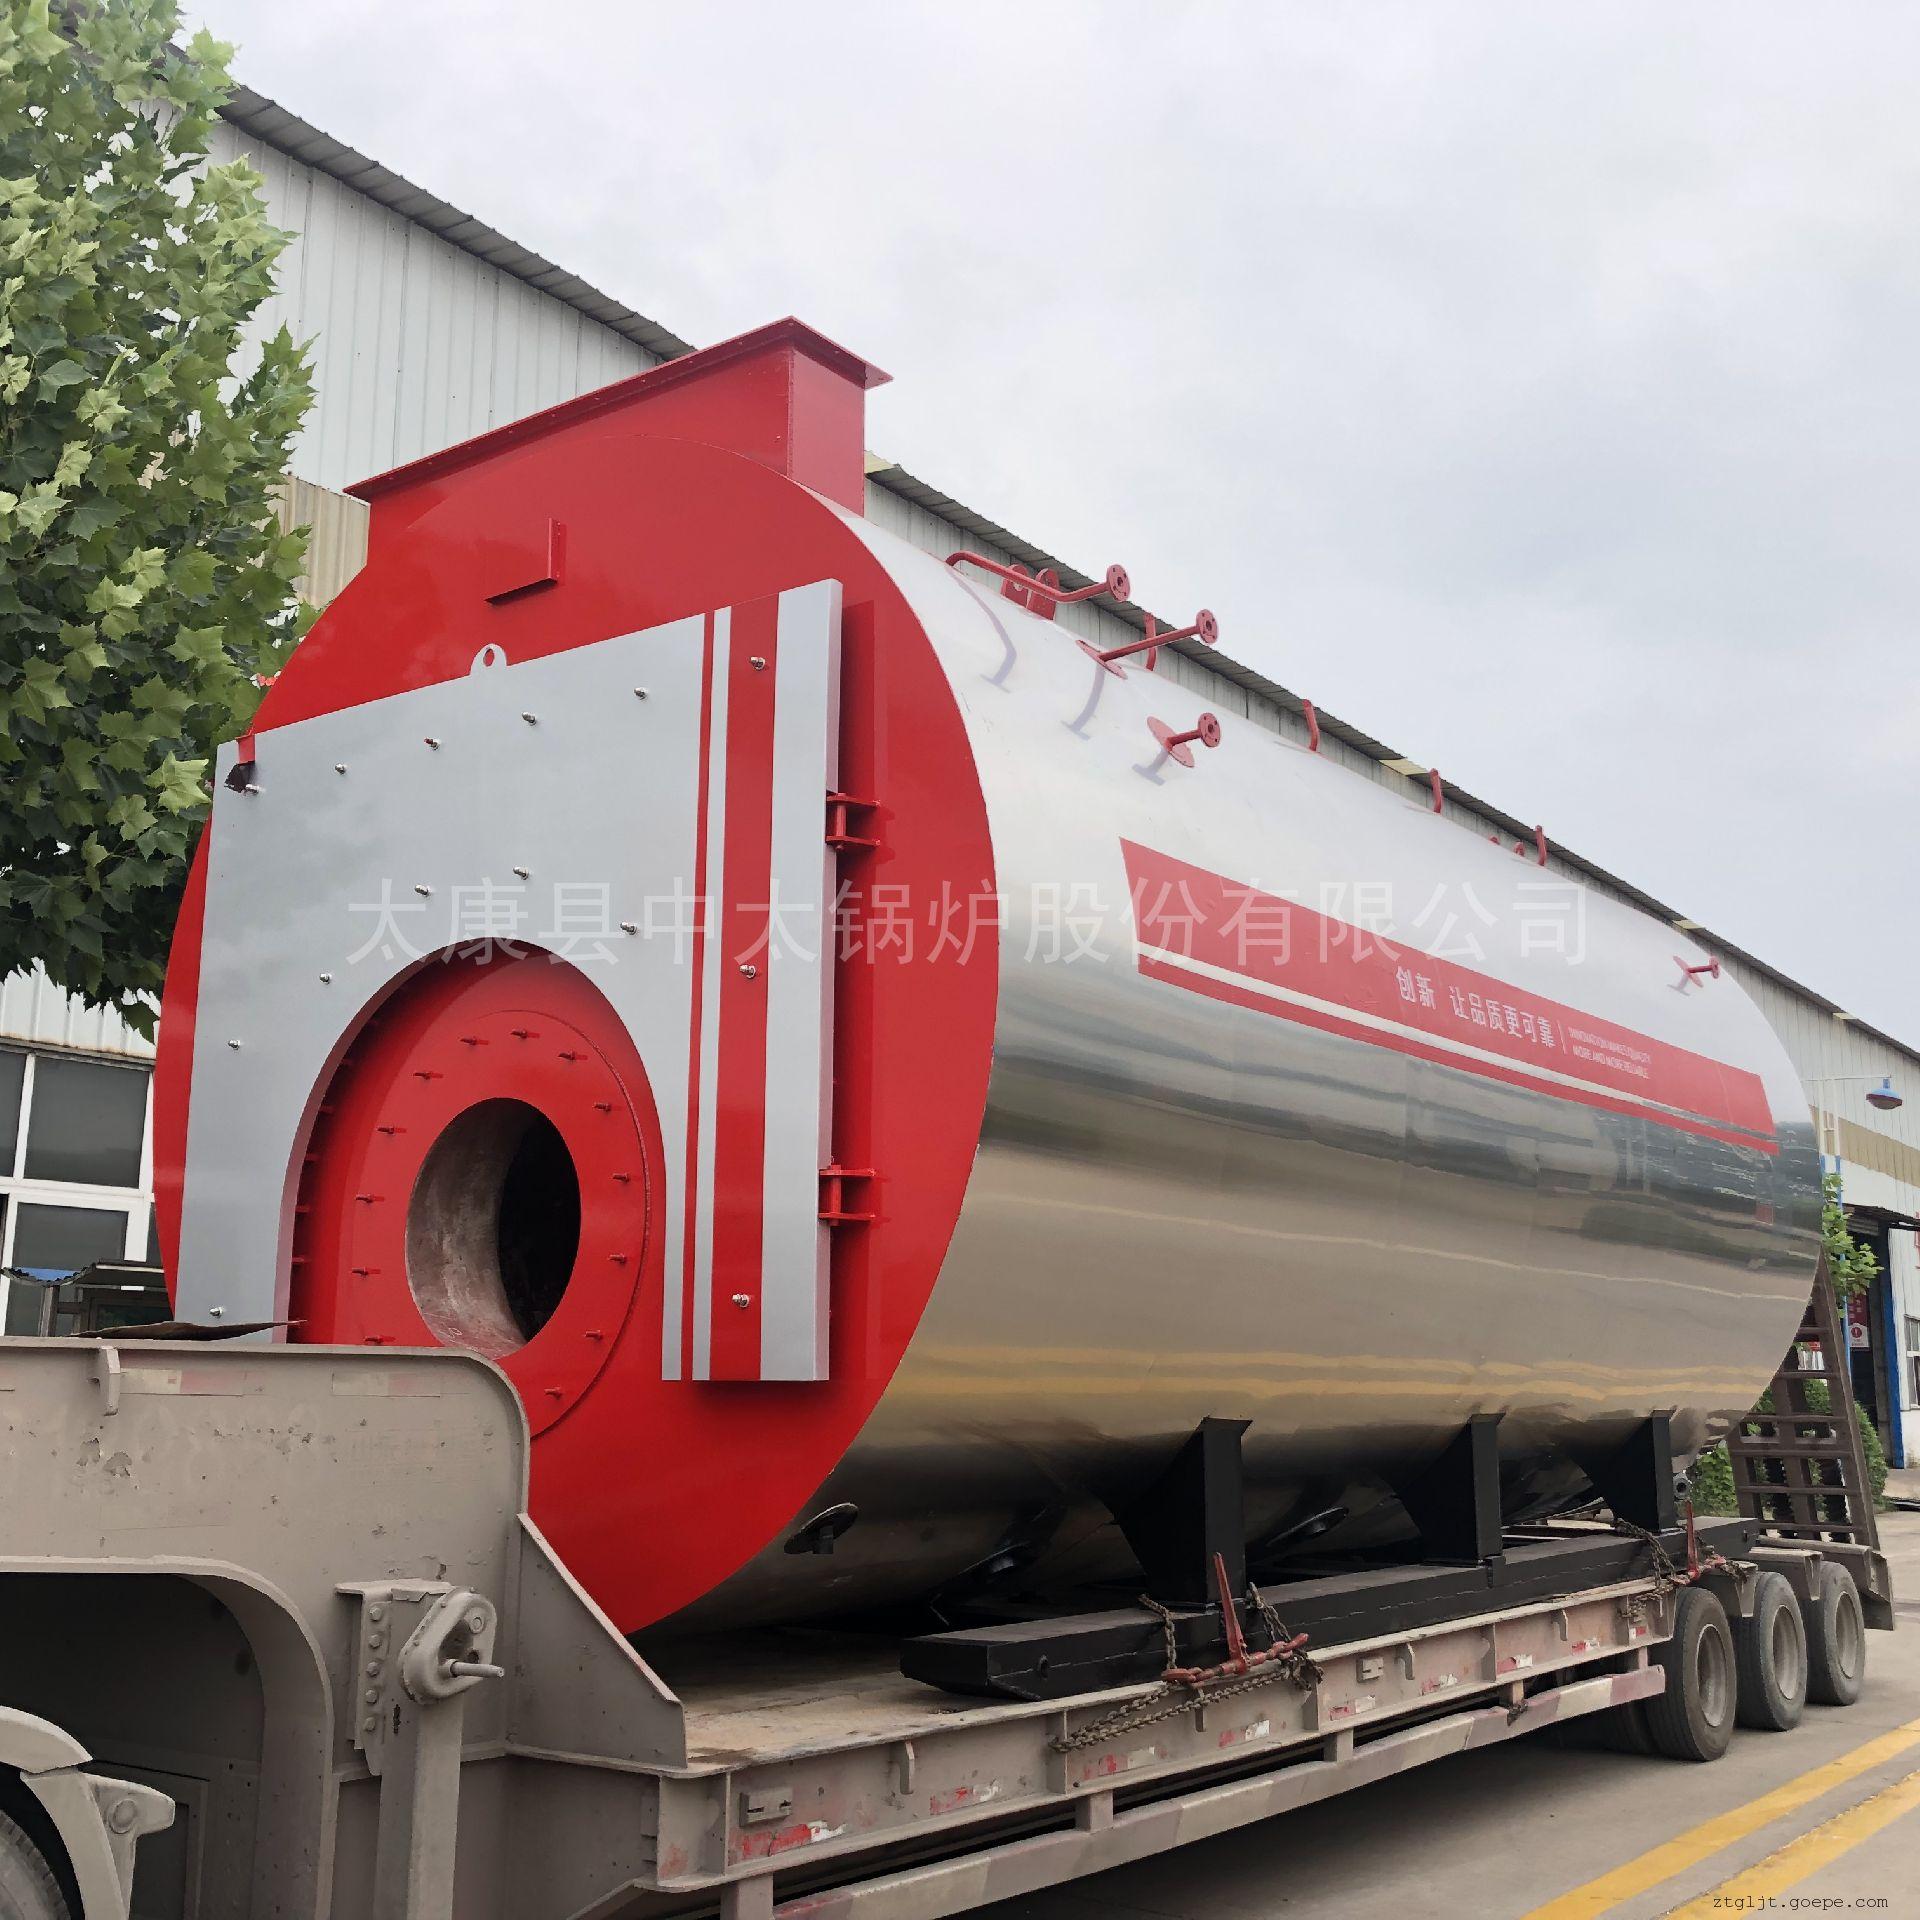 中太 WNS型 燃气3吨超低氮蒸汽锅炉 参数 全套配置